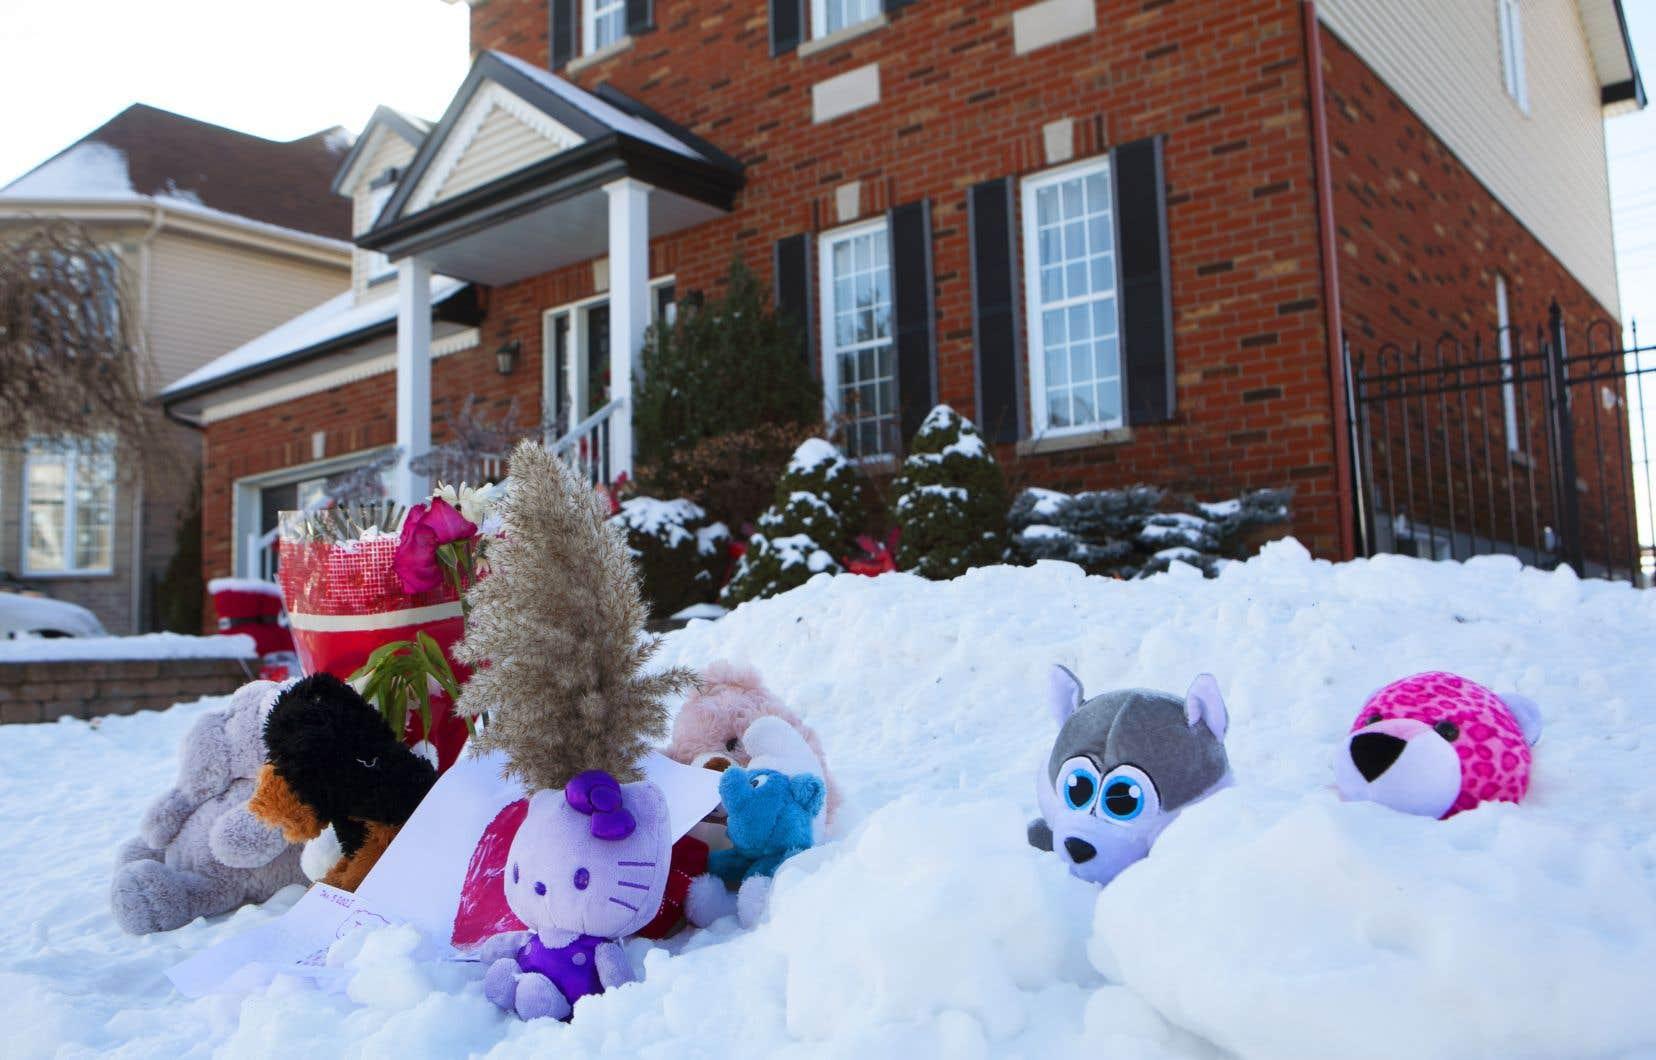 La fillette de 7ans avait été retrouvée morte dans le domicile familial le 3janvier dernier.